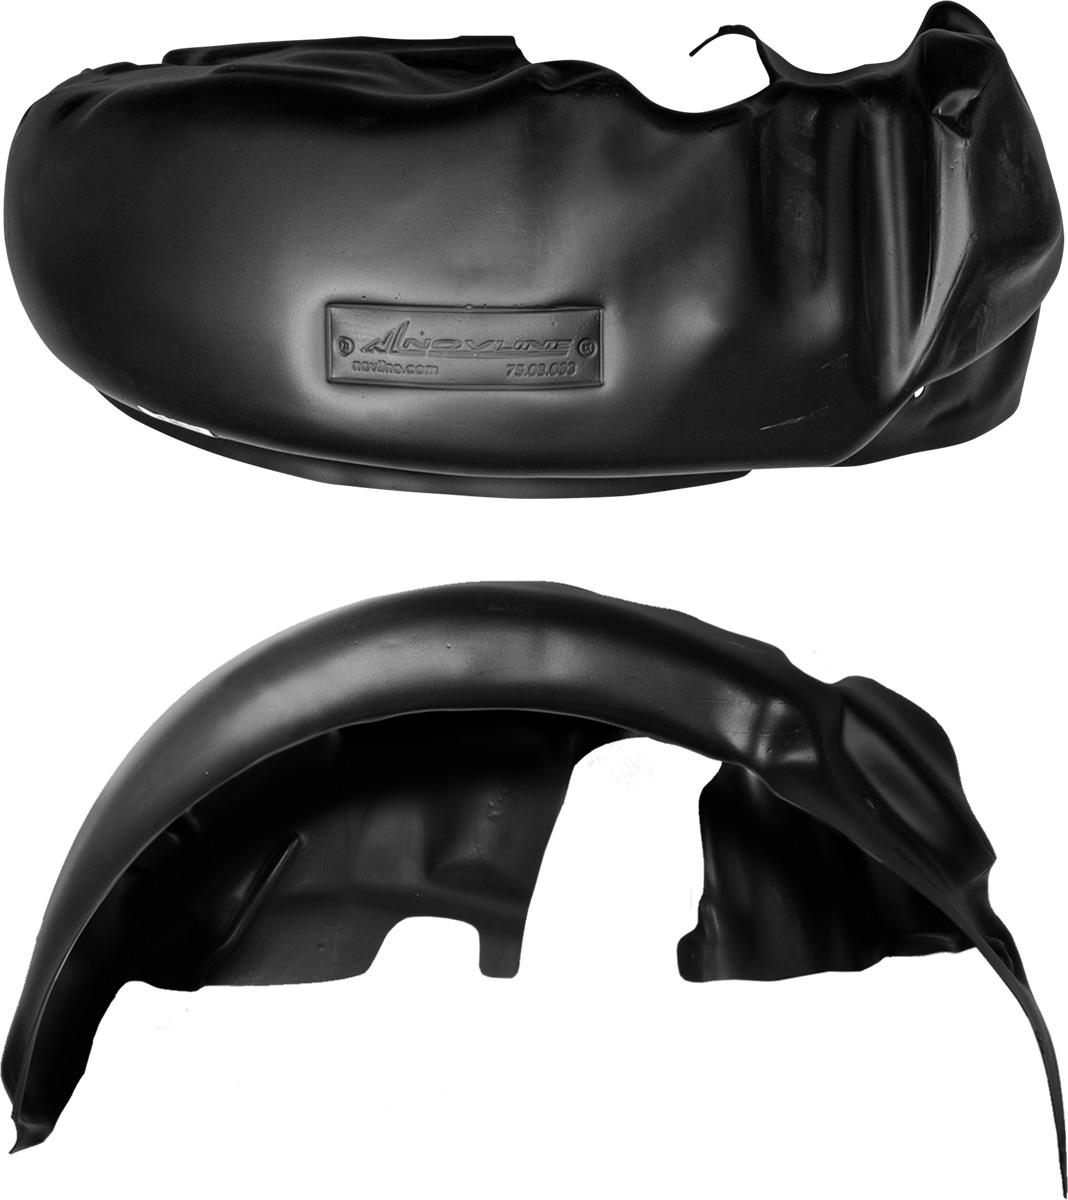 Подкрылок OPEL Astra H, 5D 2007->, хэтчбек, задний левый1004900000360Колесные ниши – одни из самых уязвимых зон днища вашего автомобиля. Они постоянно подвергаются воздействию со стороны дороги. Лучшая, почти абсолютная защита для них - специально отформованные пластиковые кожухи, которые называются подкрылками, или локерами. Производятся они как для отечественных моделей автомобилей, так и для иномарок. Подкрылки выполнены из высококачественного, экологически чистого пластика. Обеспечивают надежную защиту кузова автомобиля от пескоструйного эффекта и негативного влияния, агрессивных антигололедных реагентов. Пластик обладает более низкой теплопроводностью, чем металл, поэтому в зимний период эксплуатации использование пластиковых подкрылков позволяет лучше защитить колесные ниши от налипания снега и образования наледи. Оригинальность конструкции подчеркивает элегантность автомобиля, бережно защищает нанесенное на днище кузова антикоррозийное покрытие и позволяет осуществить крепление подкрылков внутри колесной арки практически без дополнительного крепежа и сверления, не нарушая при этом лакокрасочного покрытия, что предотвращает возникновение новых очагов коррозии. Технология крепления подкрылков на иномарки принципиально отличается от крепления на российские автомобили и разрабатывается индивидуально для каждой модели автомобиля. Подкрылки долговечны, обладают высокой прочностью и сохраняют заданную форму, а также все свои физико-механические характеристики в самых тяжелых климатических условиях ( от -50° С до + 50° С).